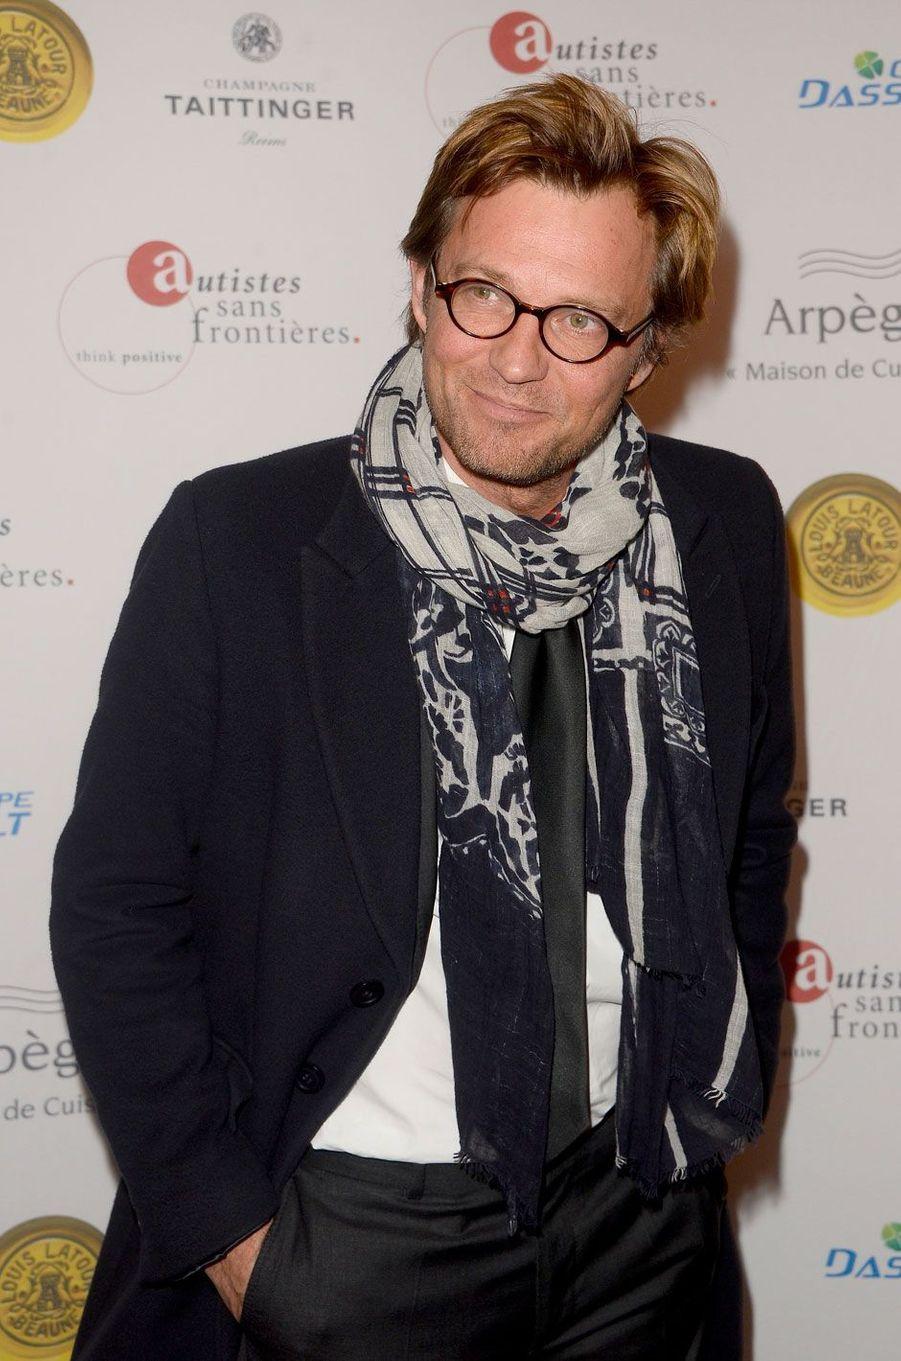 Il est deuxième au classement des présentateurs préférés des français derrière Jean-Pierre Pernaut.